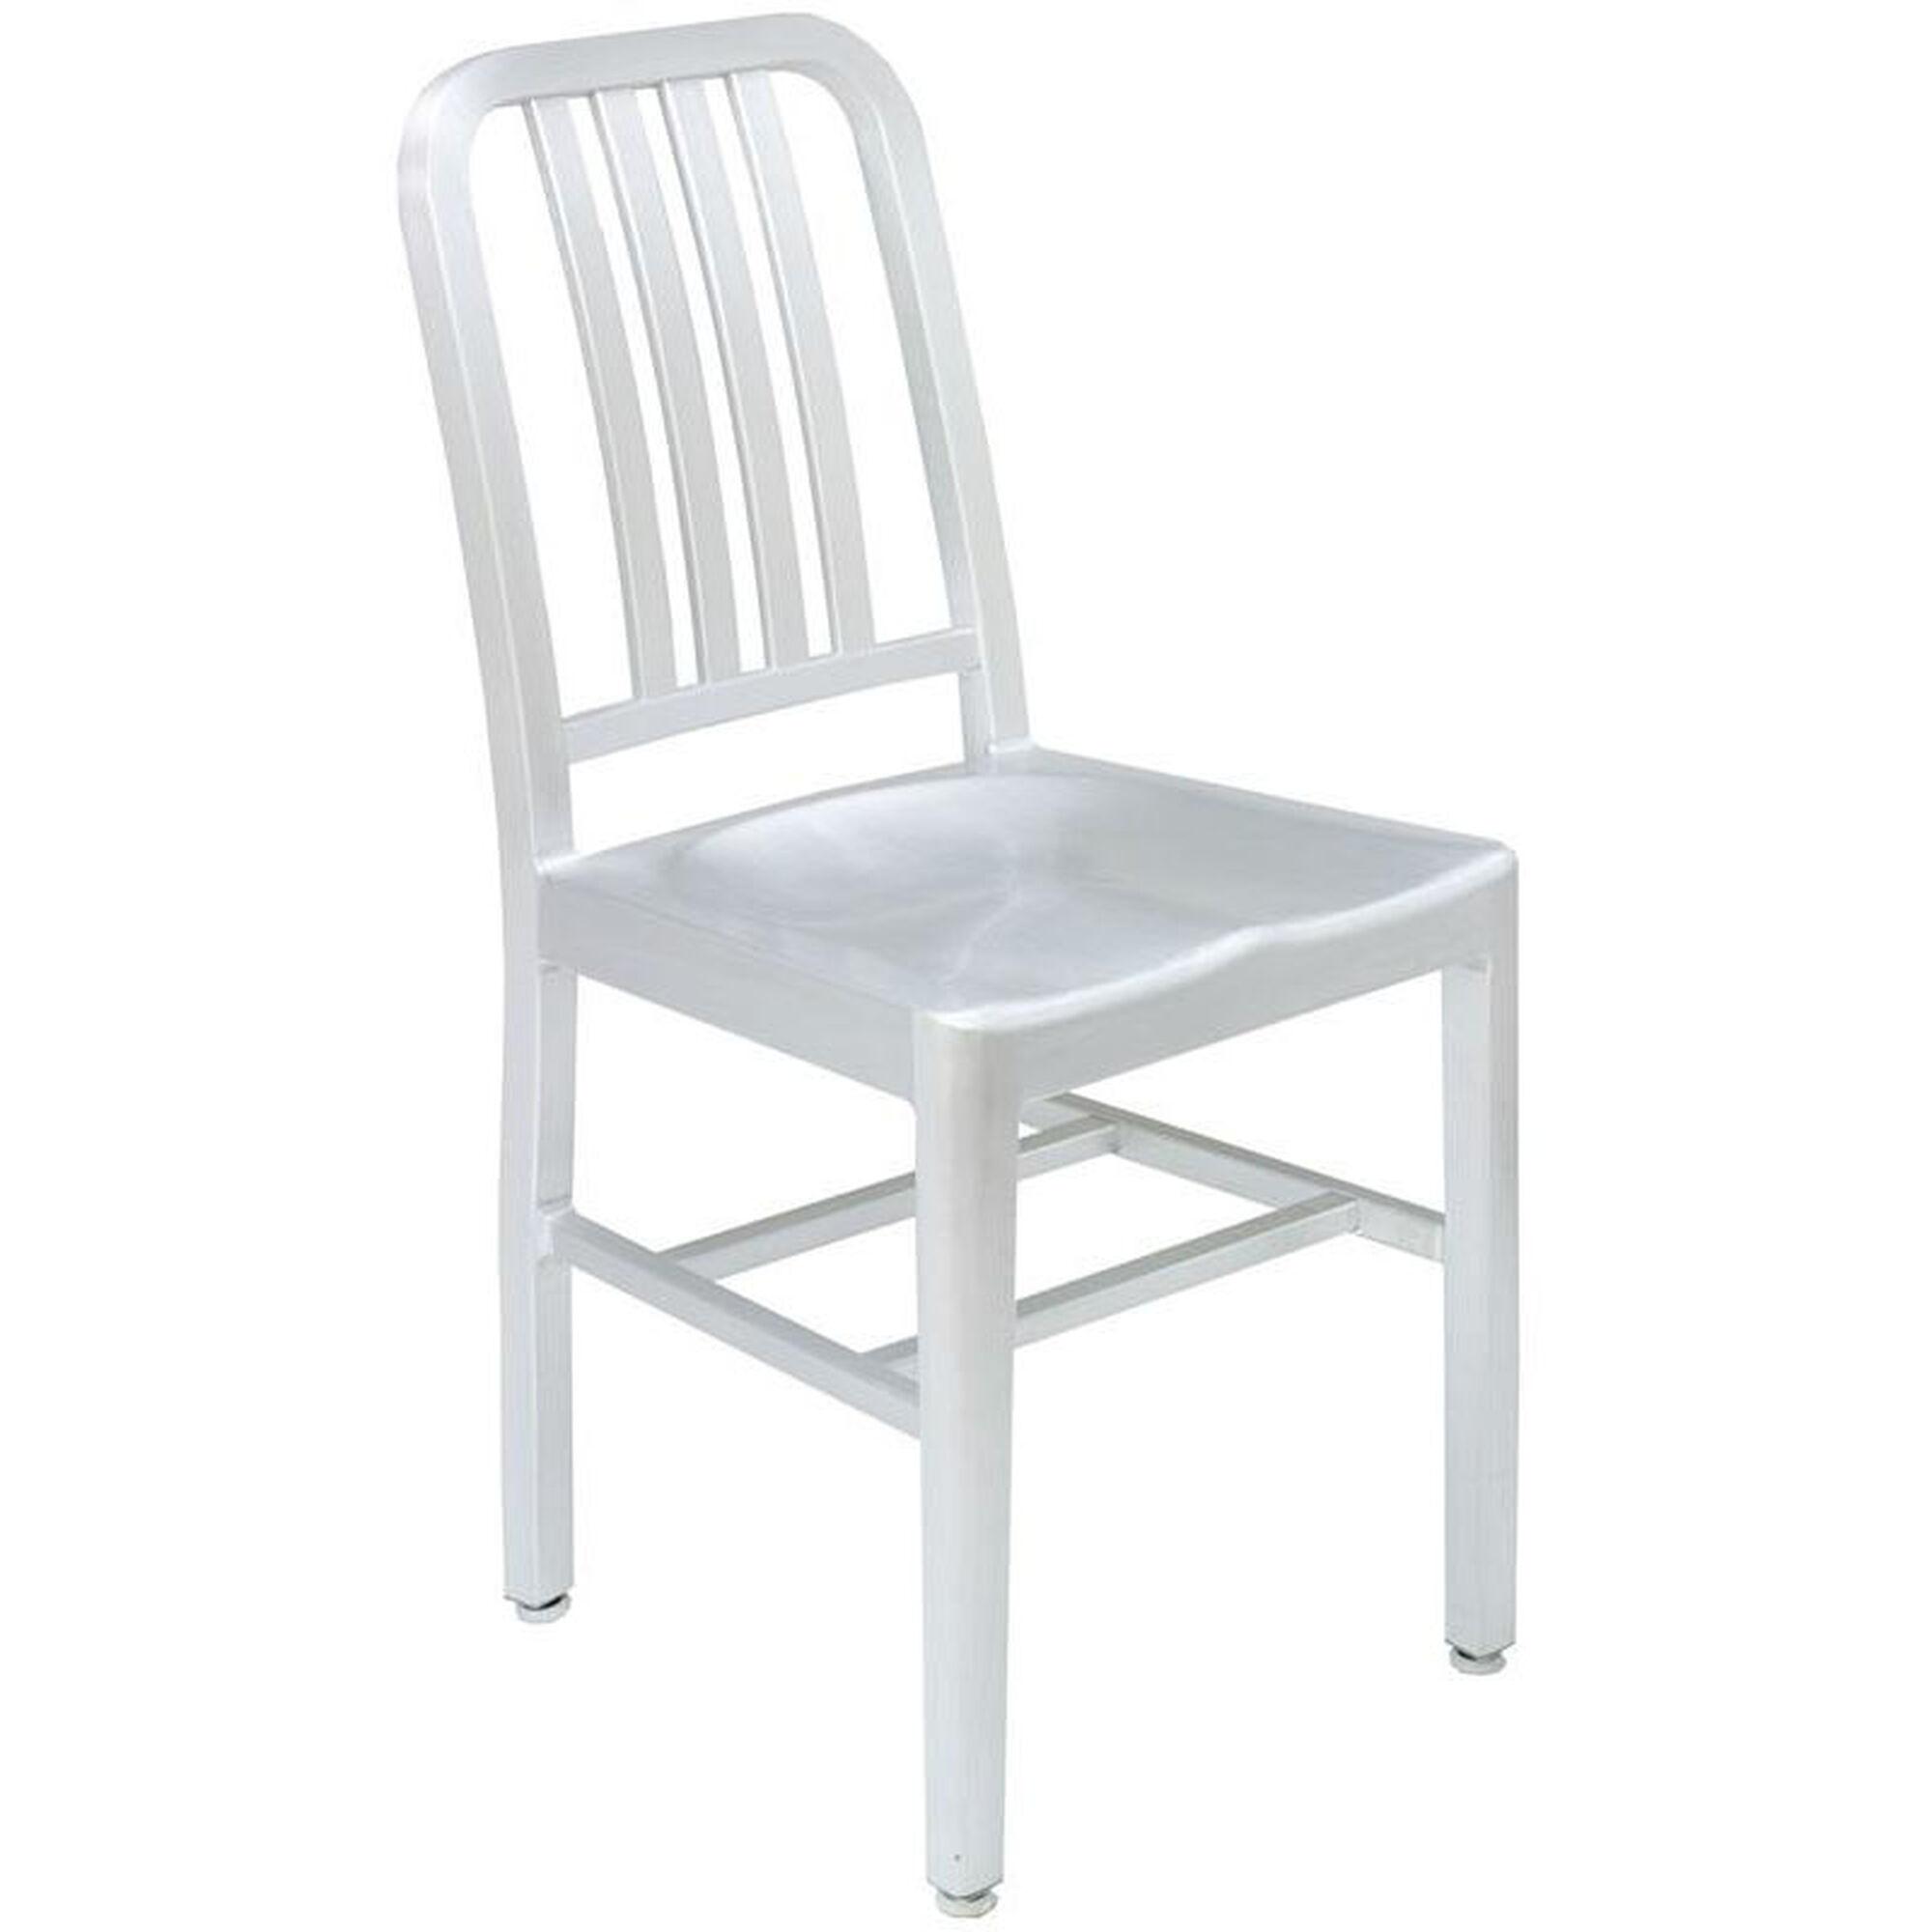 Terrific Outdoor Aluminum Armless Side Chair Silver Inzonedesignstudio Interior Chair Design Inzonedesignstudiocom